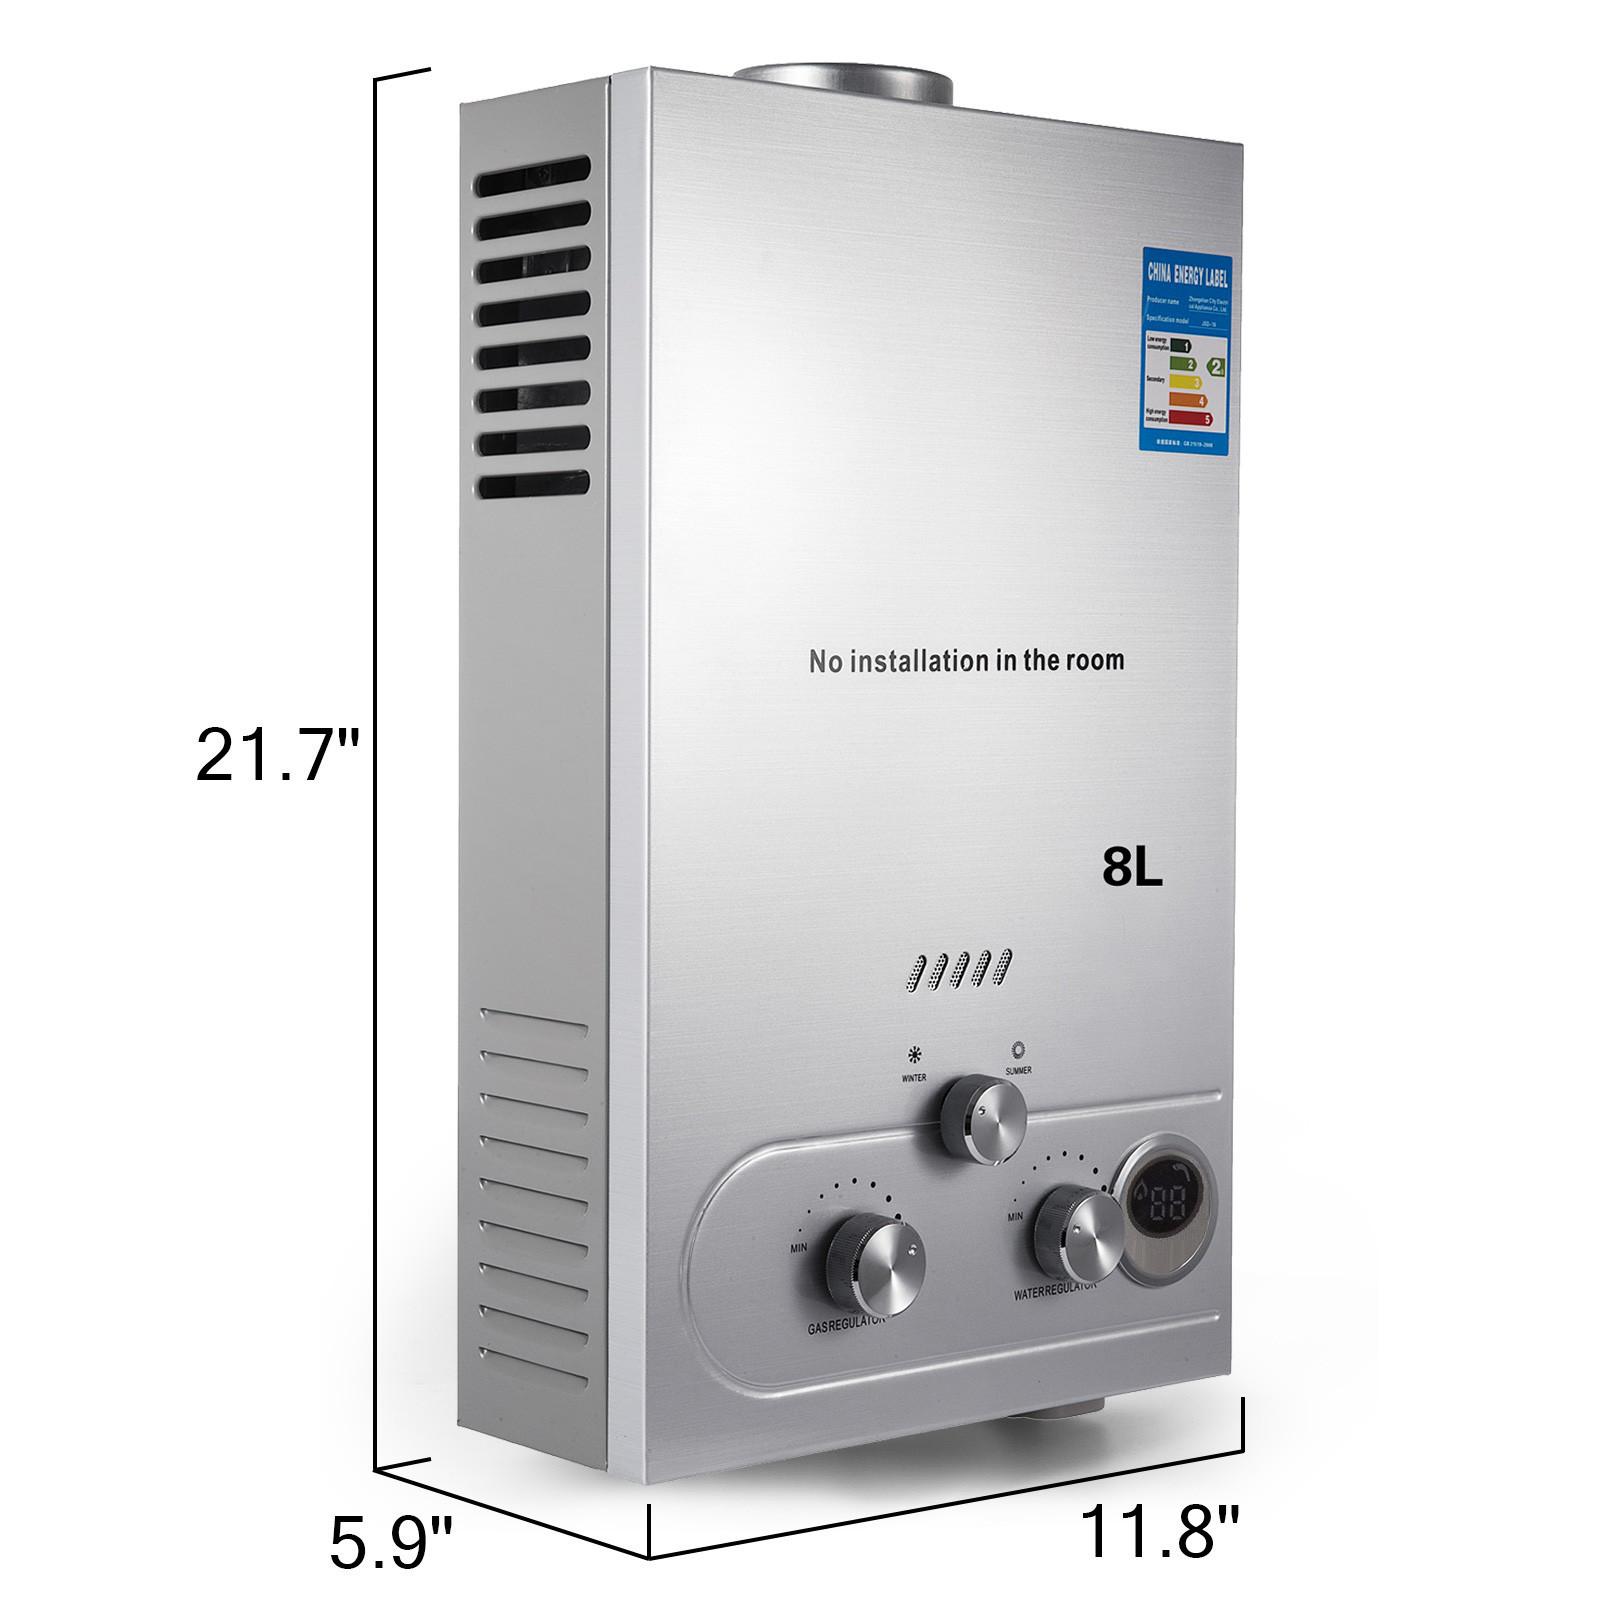 Propangas-Gas-Durchlauferhitzer-Warmwasserbereiter-Boiler-Warmwasserspeicher Indexbild 38